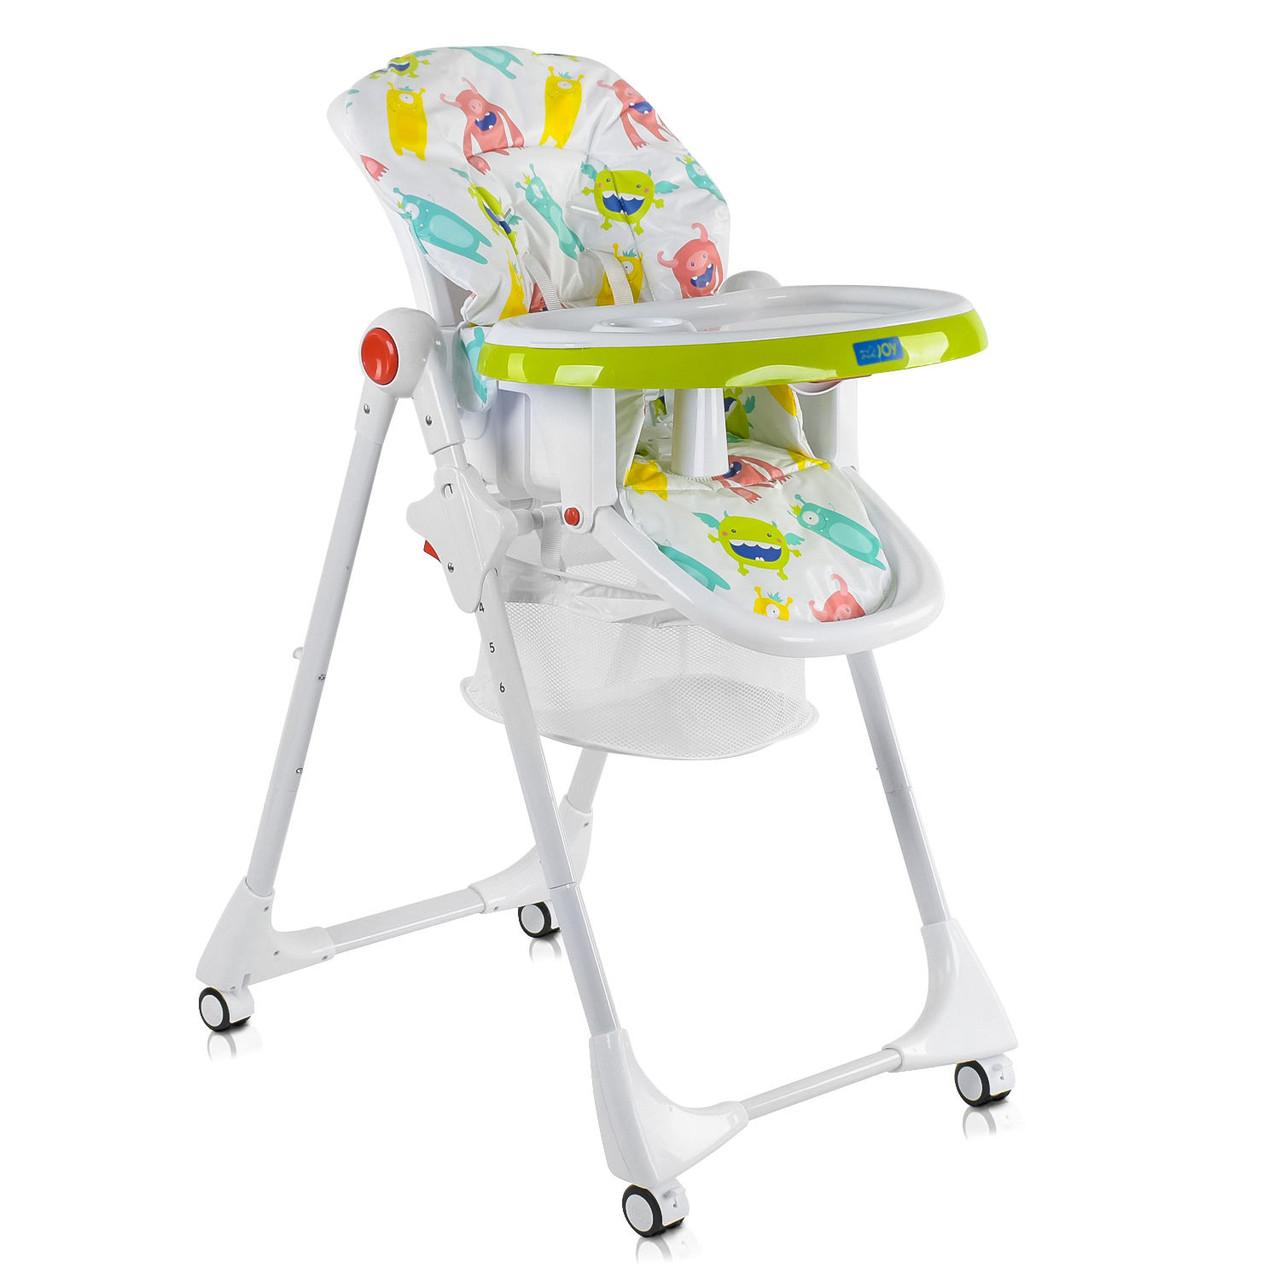 Детский стульчик для кормления JOY К-33740 Монстрики Цвет бело-салатовый Мягкий PVC Быстрая доставка